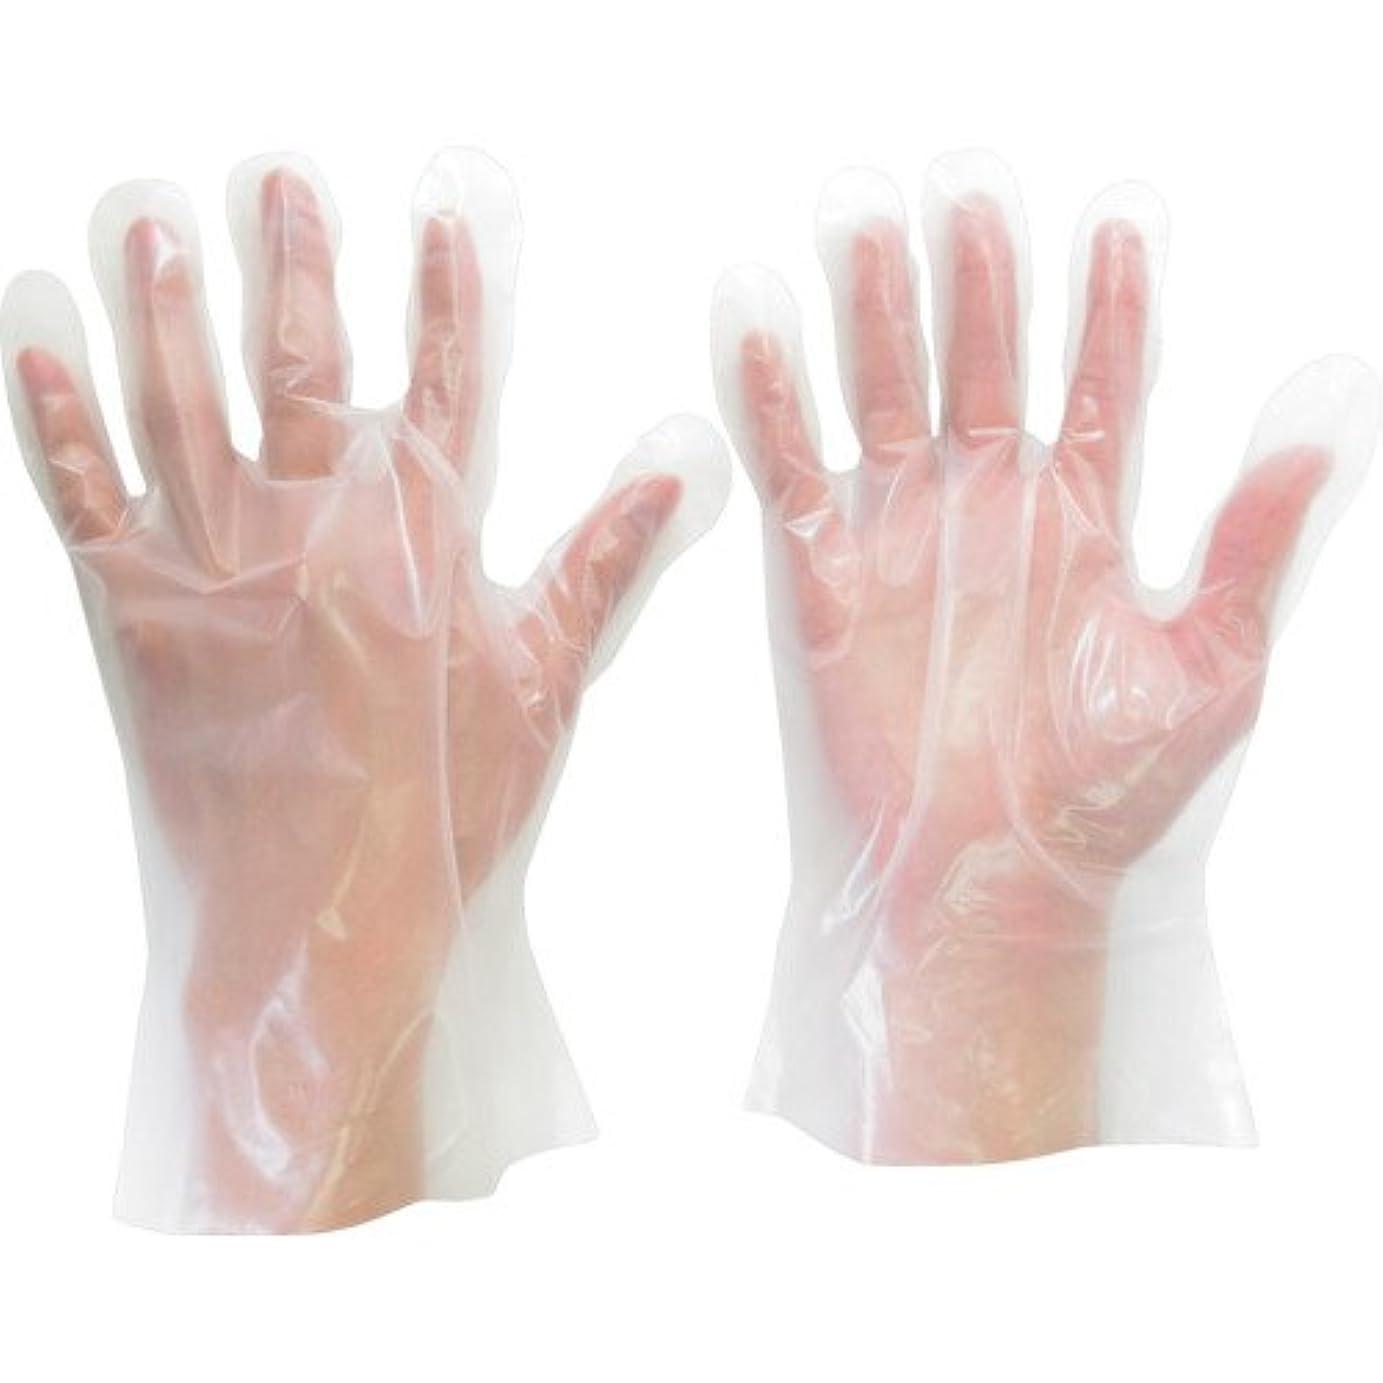 いう虫を数える服を着るミドリ安全 ポリエチレン使い捨て手袋 外エンボス 200枚入 L VERTE575L